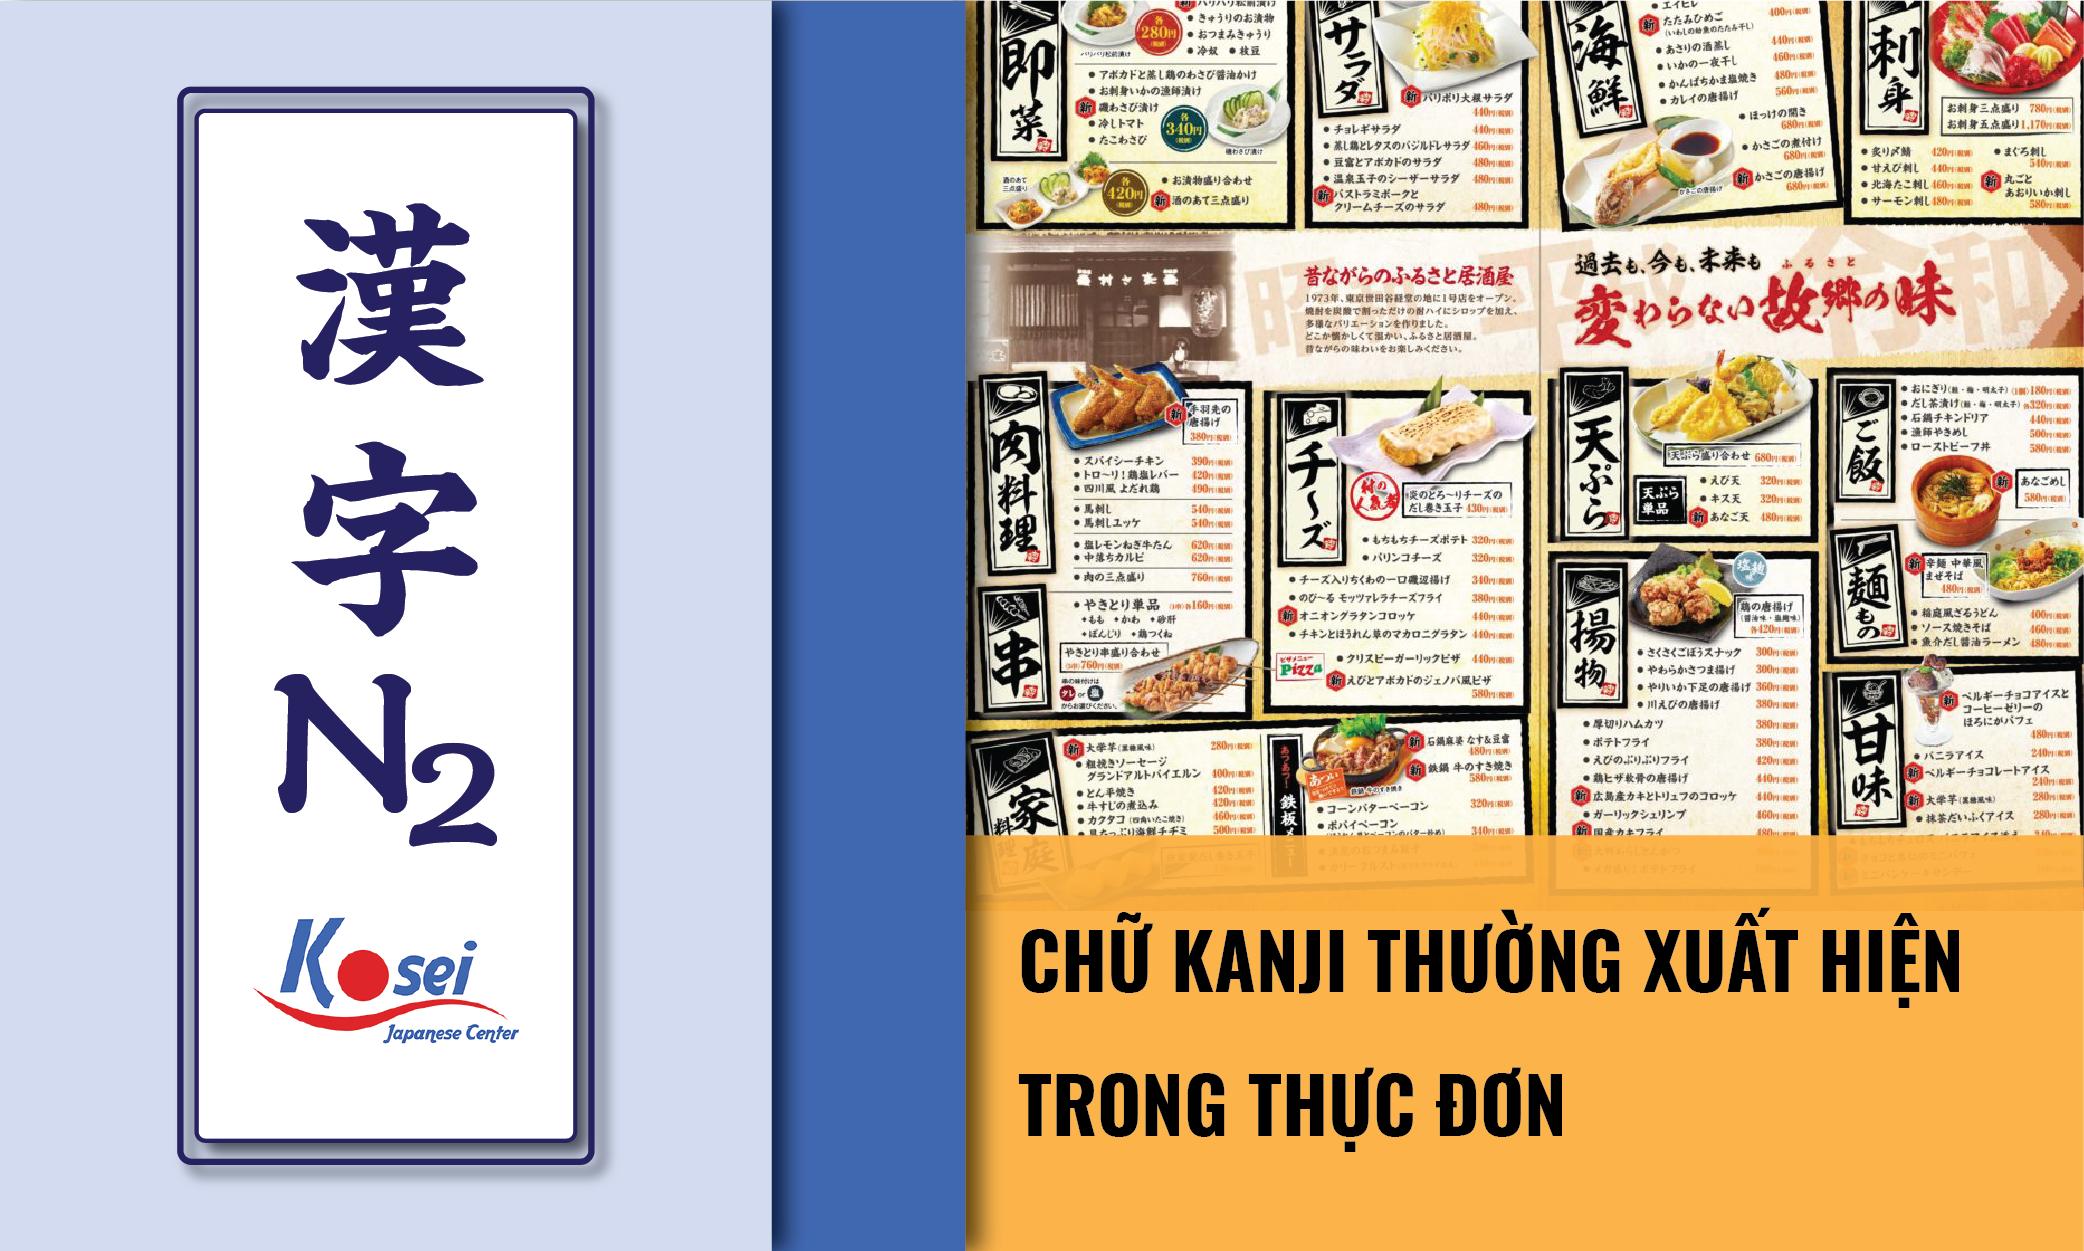 Các Kanji thường xuất hiện trên menu